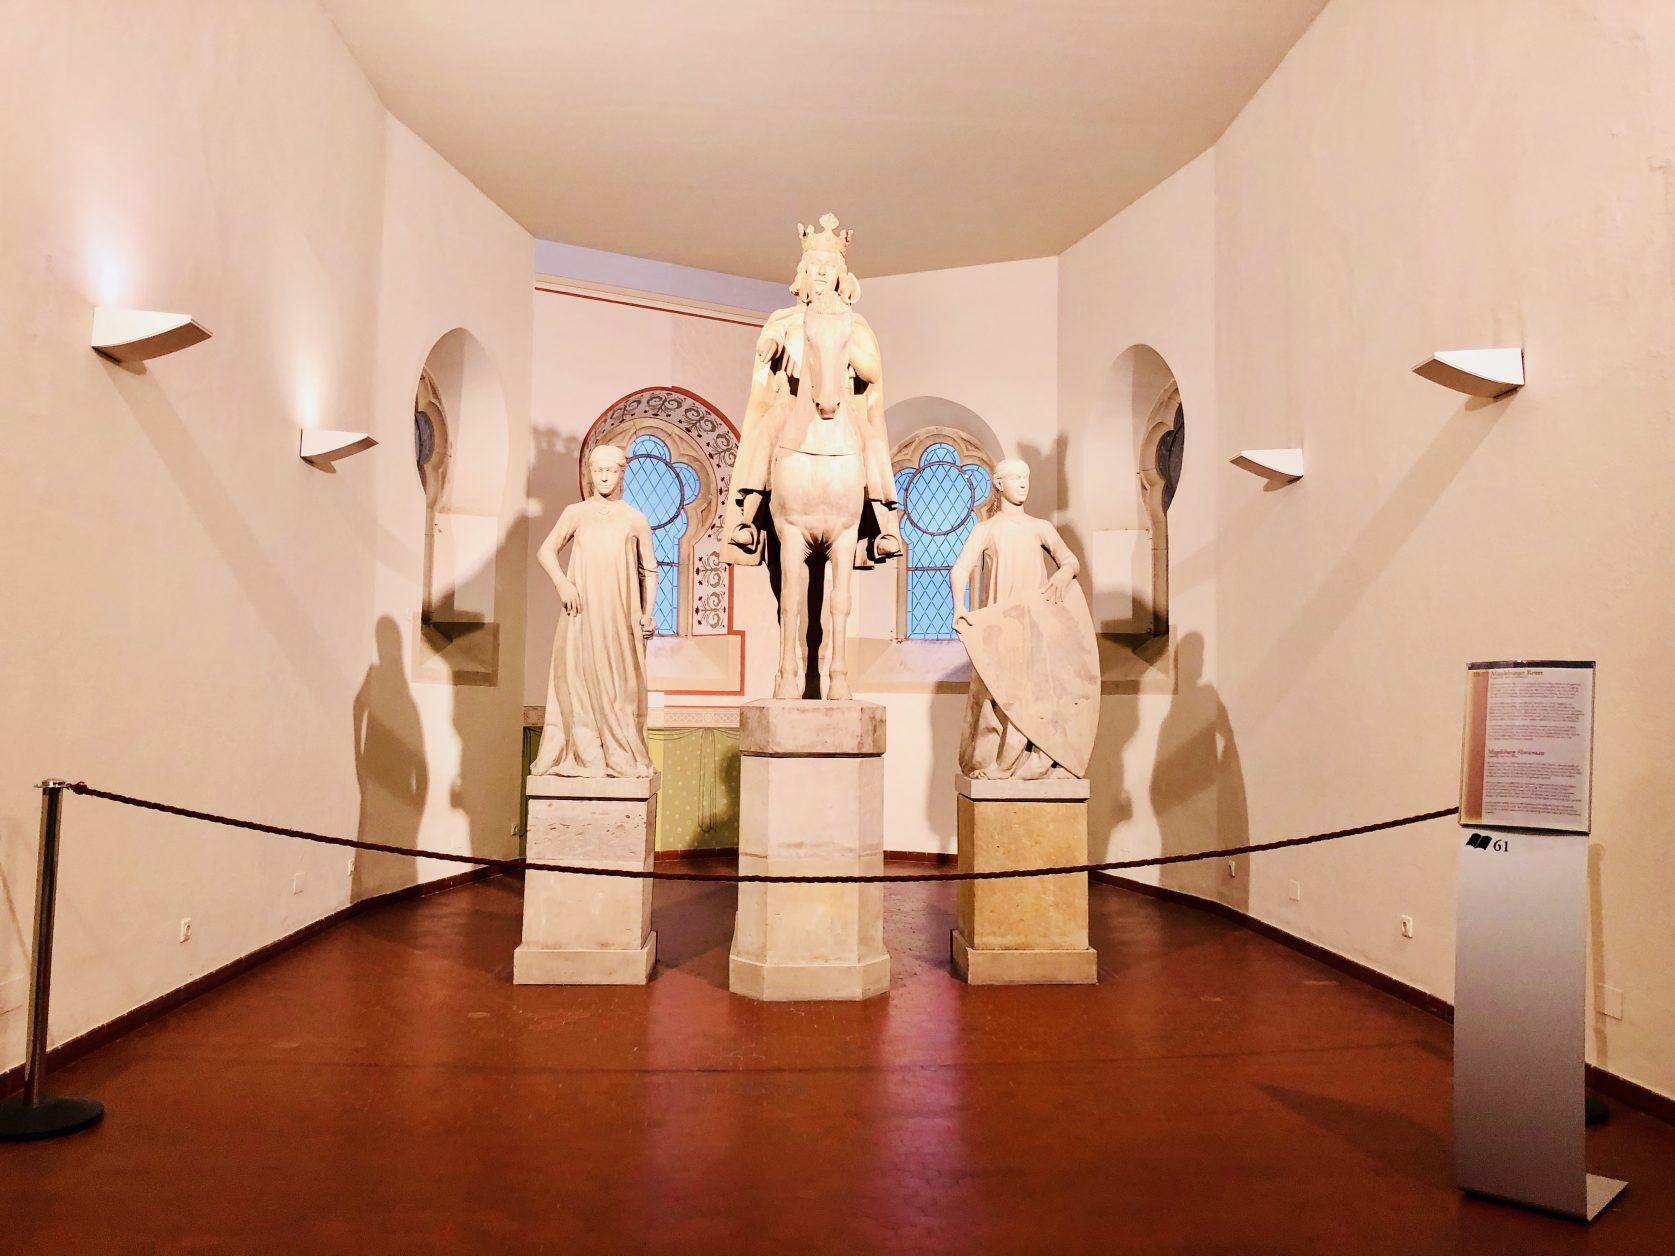 Der Magdeburger Reiter im Kulturhistorischen Museum Magdeburg ist ein Reiterstandbild, das um 1240 entstand. Es gilt als das früheste lebensgroße rundplastische Reiterstandbild der mittelalterlichen Skulptur und gehört zu den erstrangigen Werken der europäischen Kunstgeschichte, Foto: Weirauch